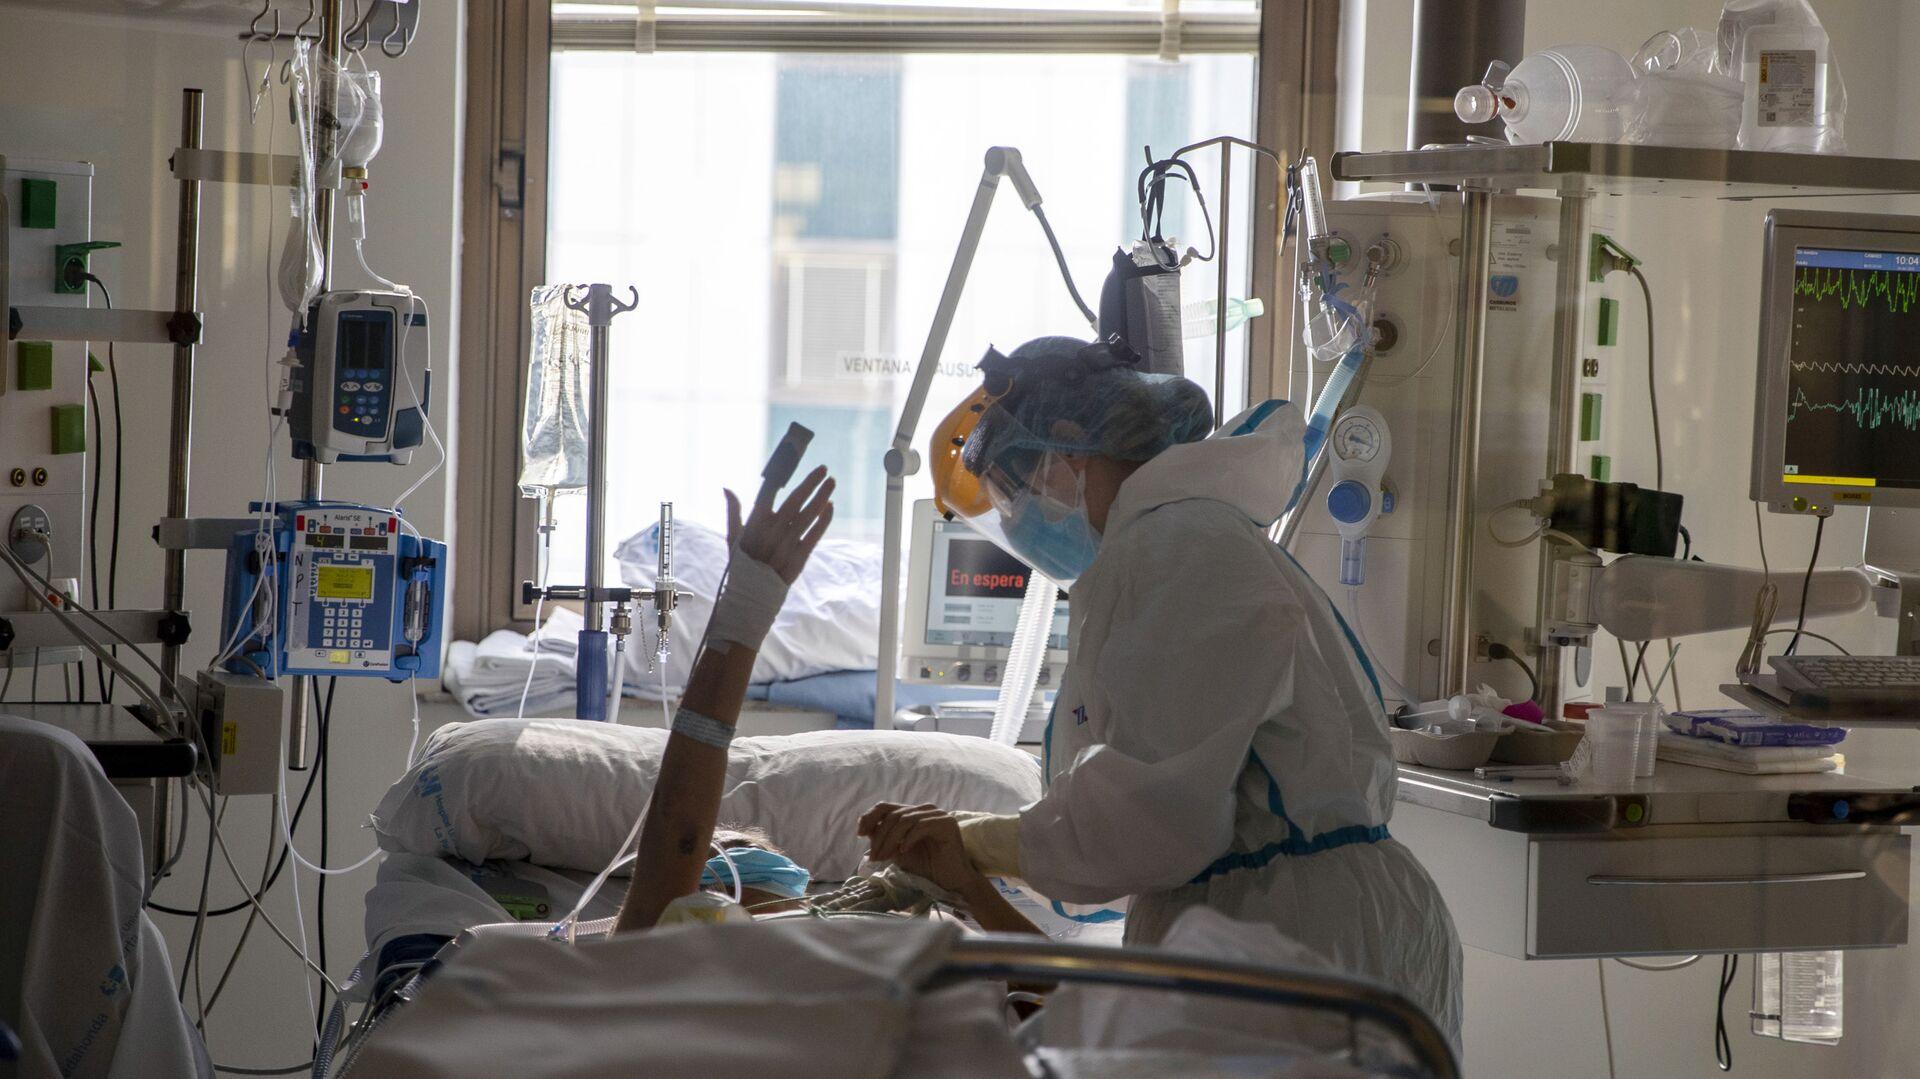 Trabajadores sanitarios asisten a un paciente con COVID-19  - Sputnik Mundo, 1920, 21.07.2021